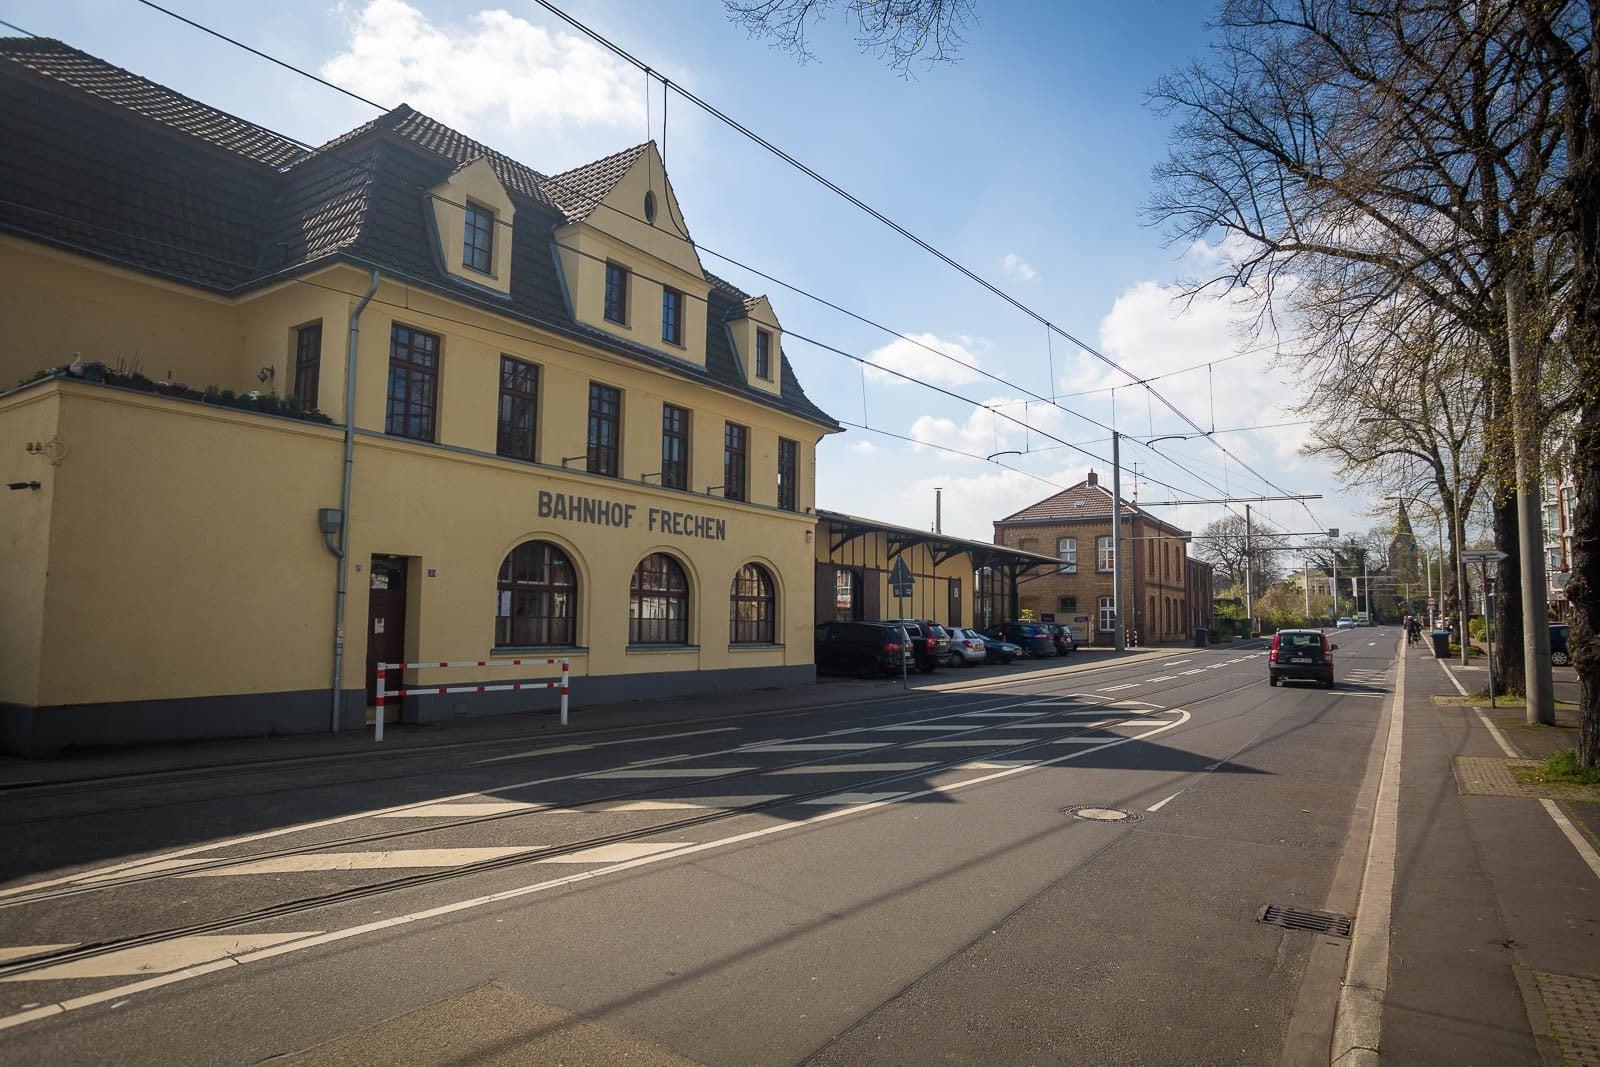 Alter Bahnhof Stadt Frechen